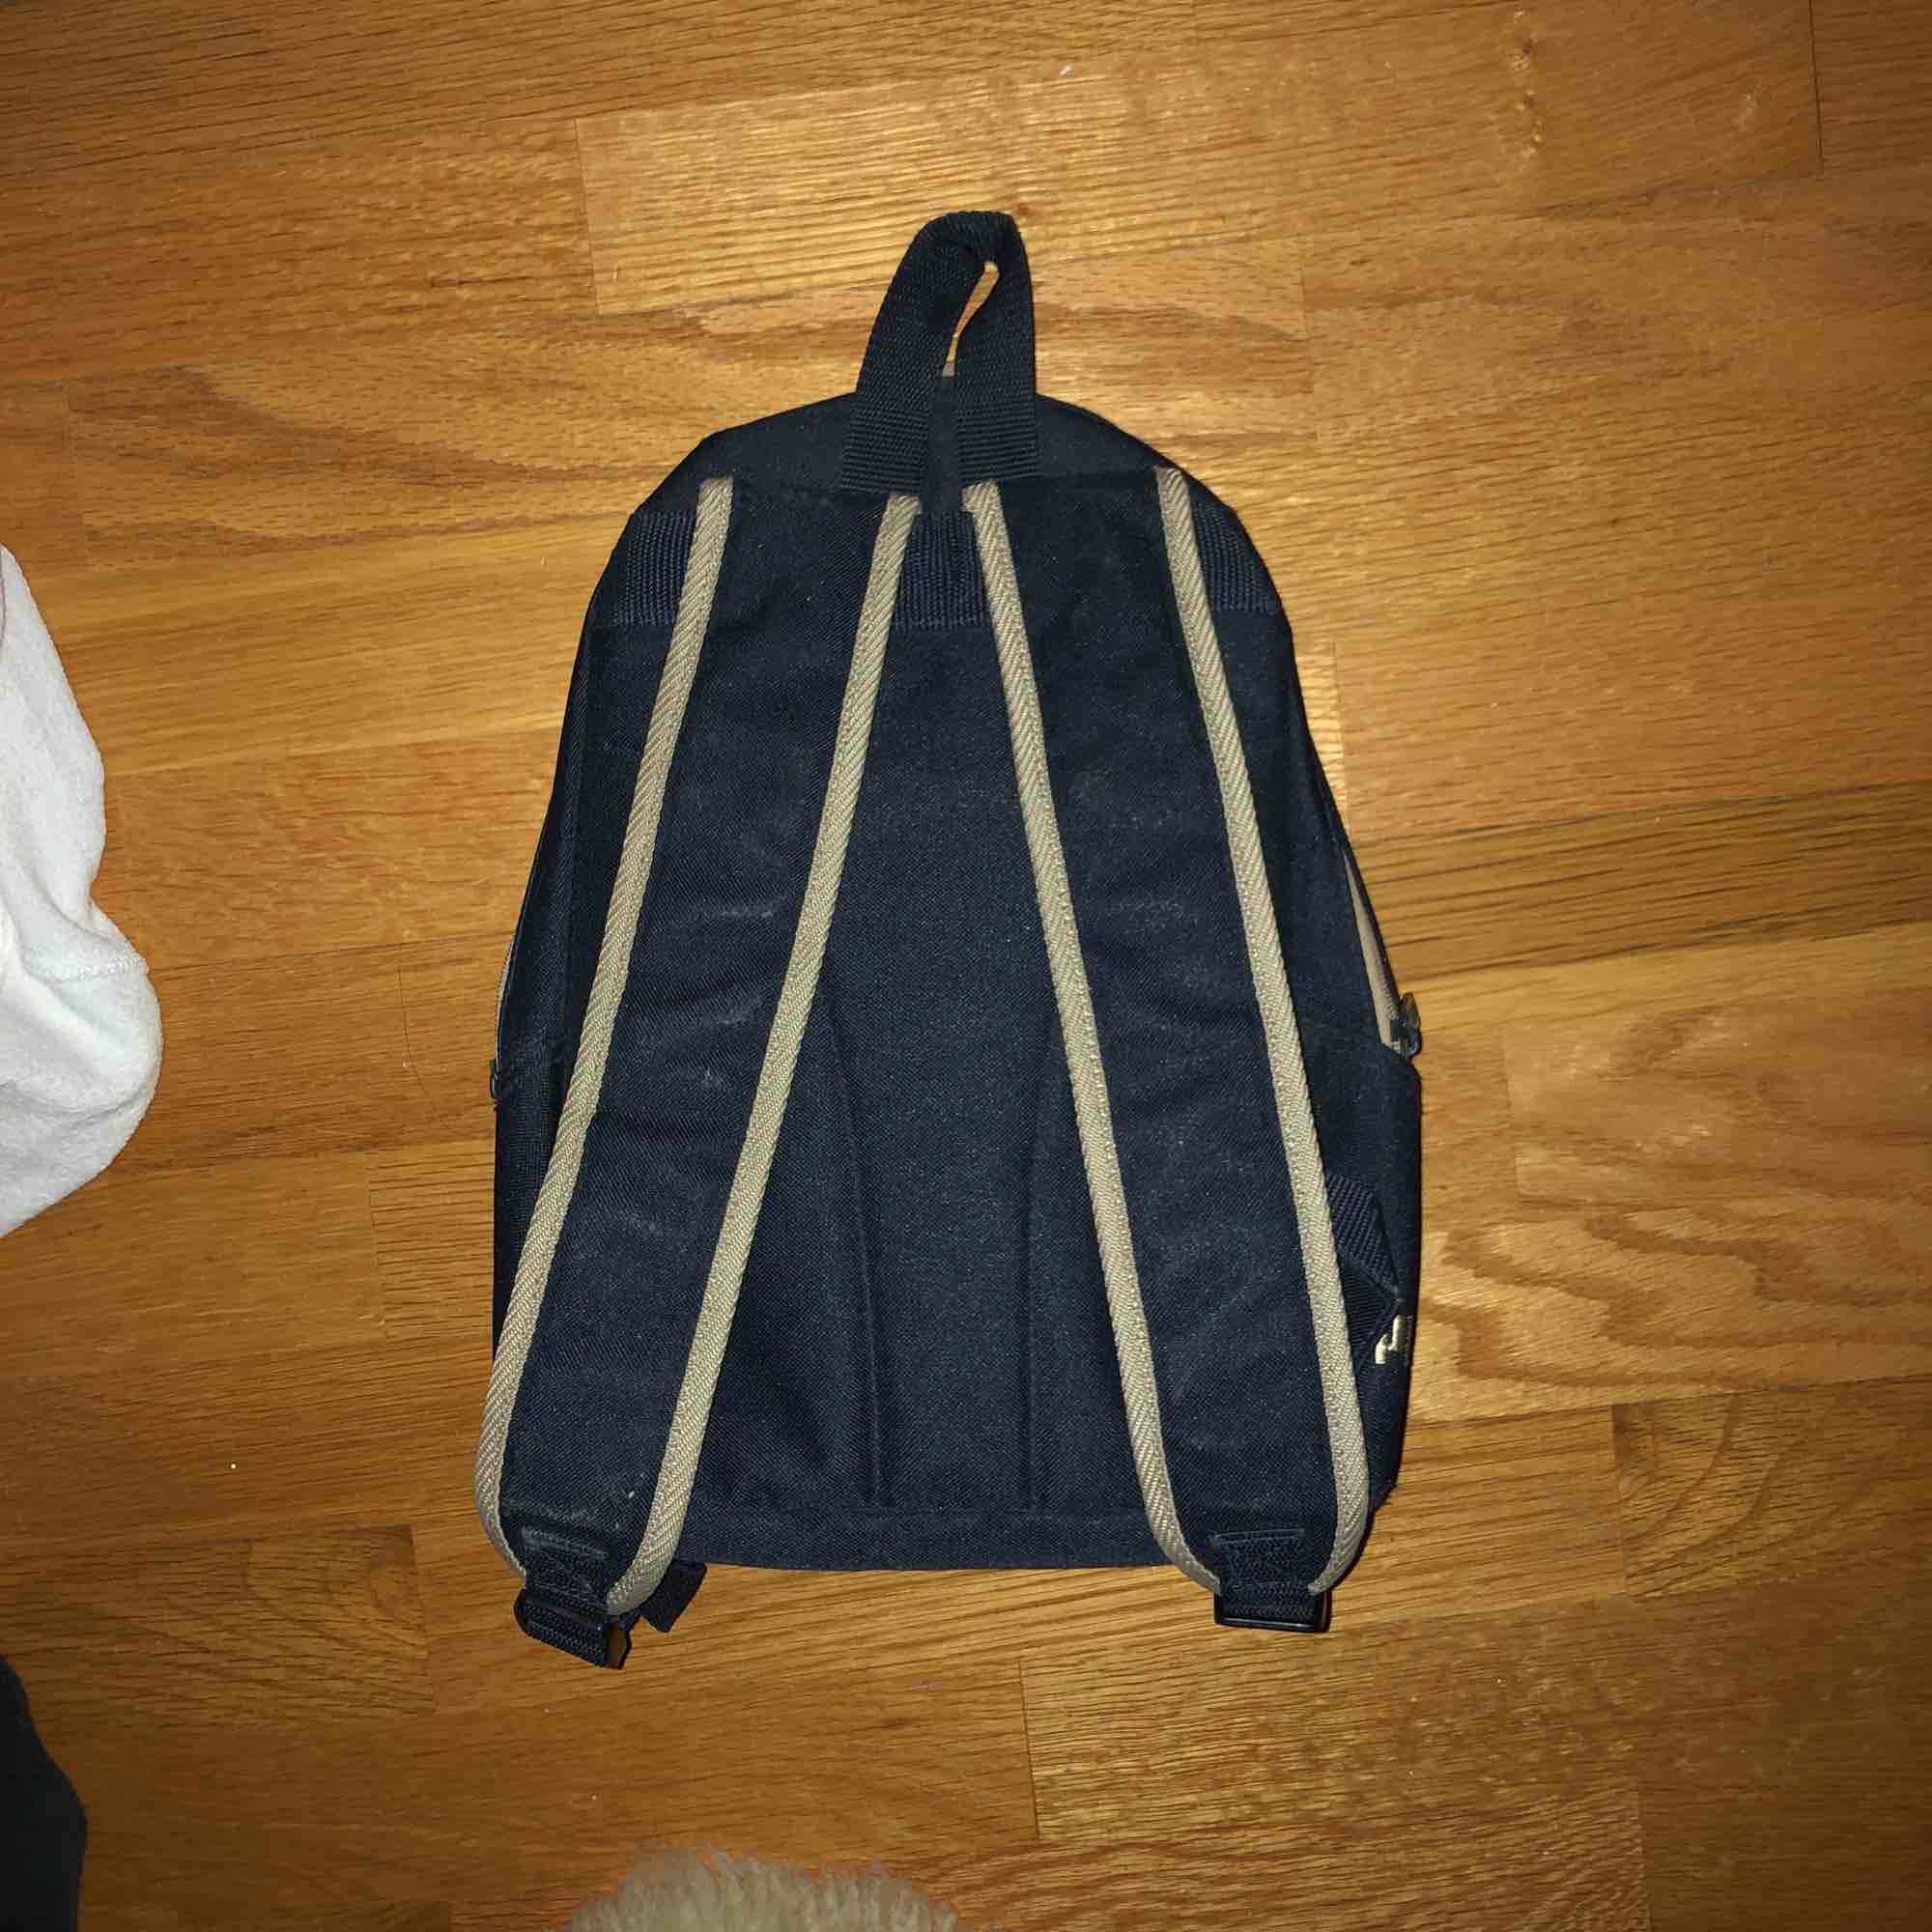 jättesöt liten ryggsäck köpt second hand, fr puma. beige å mörkblå. Väskor.